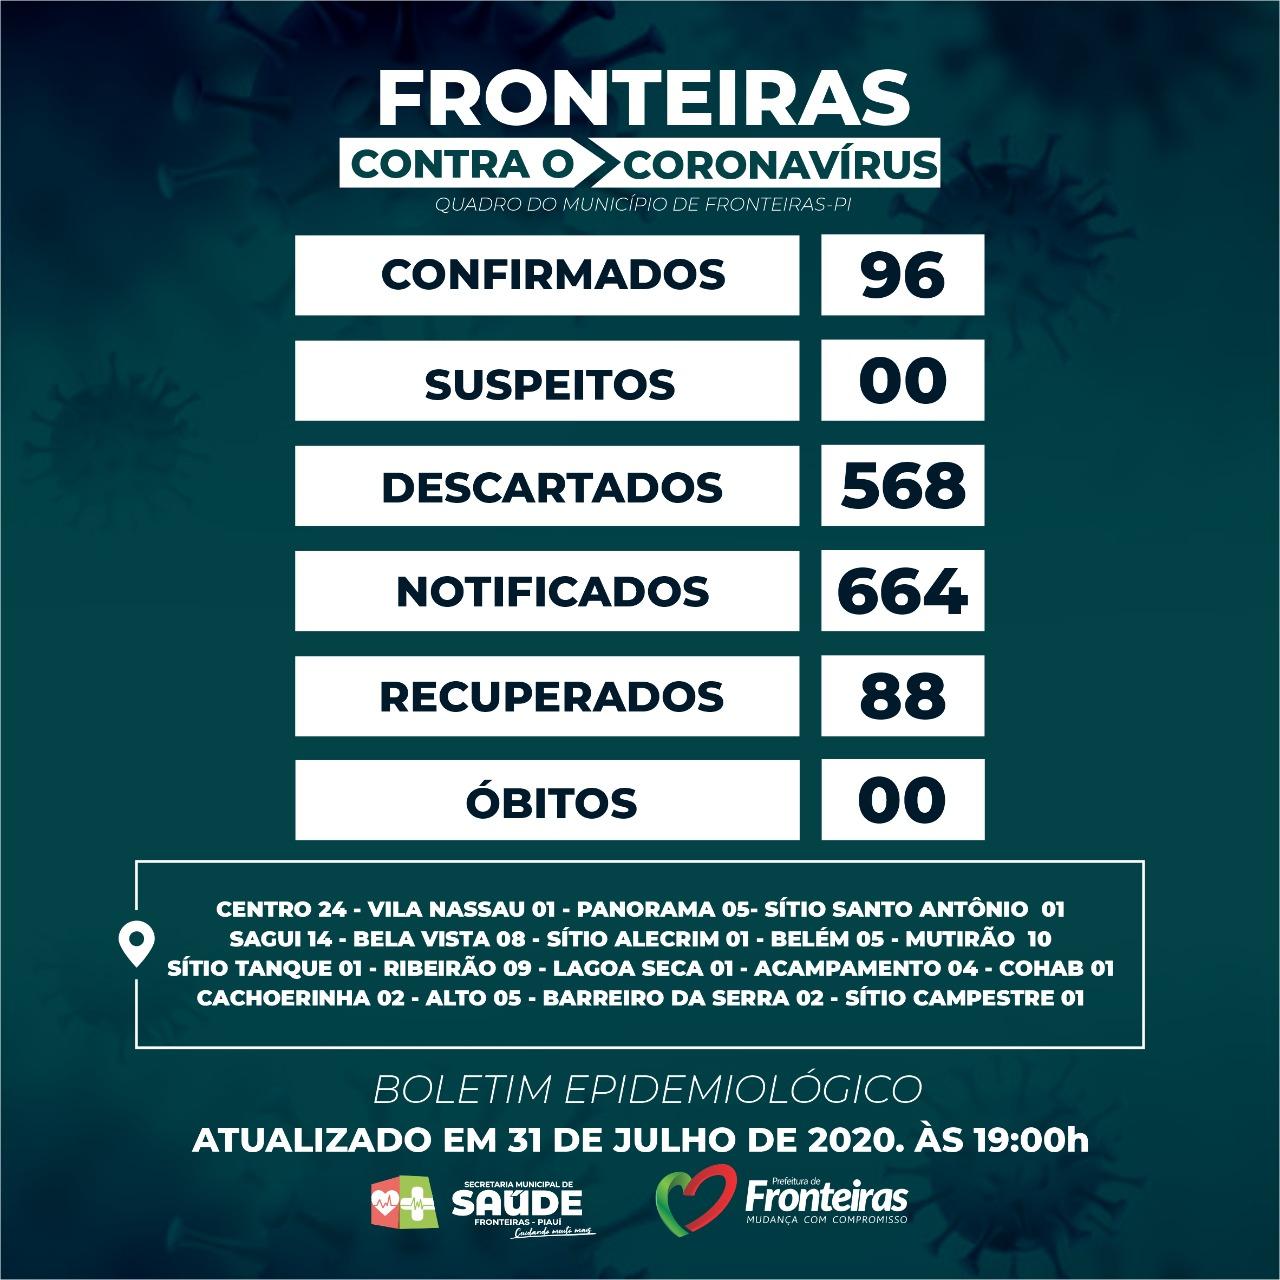 FRONTEIRAS (PI) - BOLETIM EPIDEMIOLÓGICO DE 31/07/2020